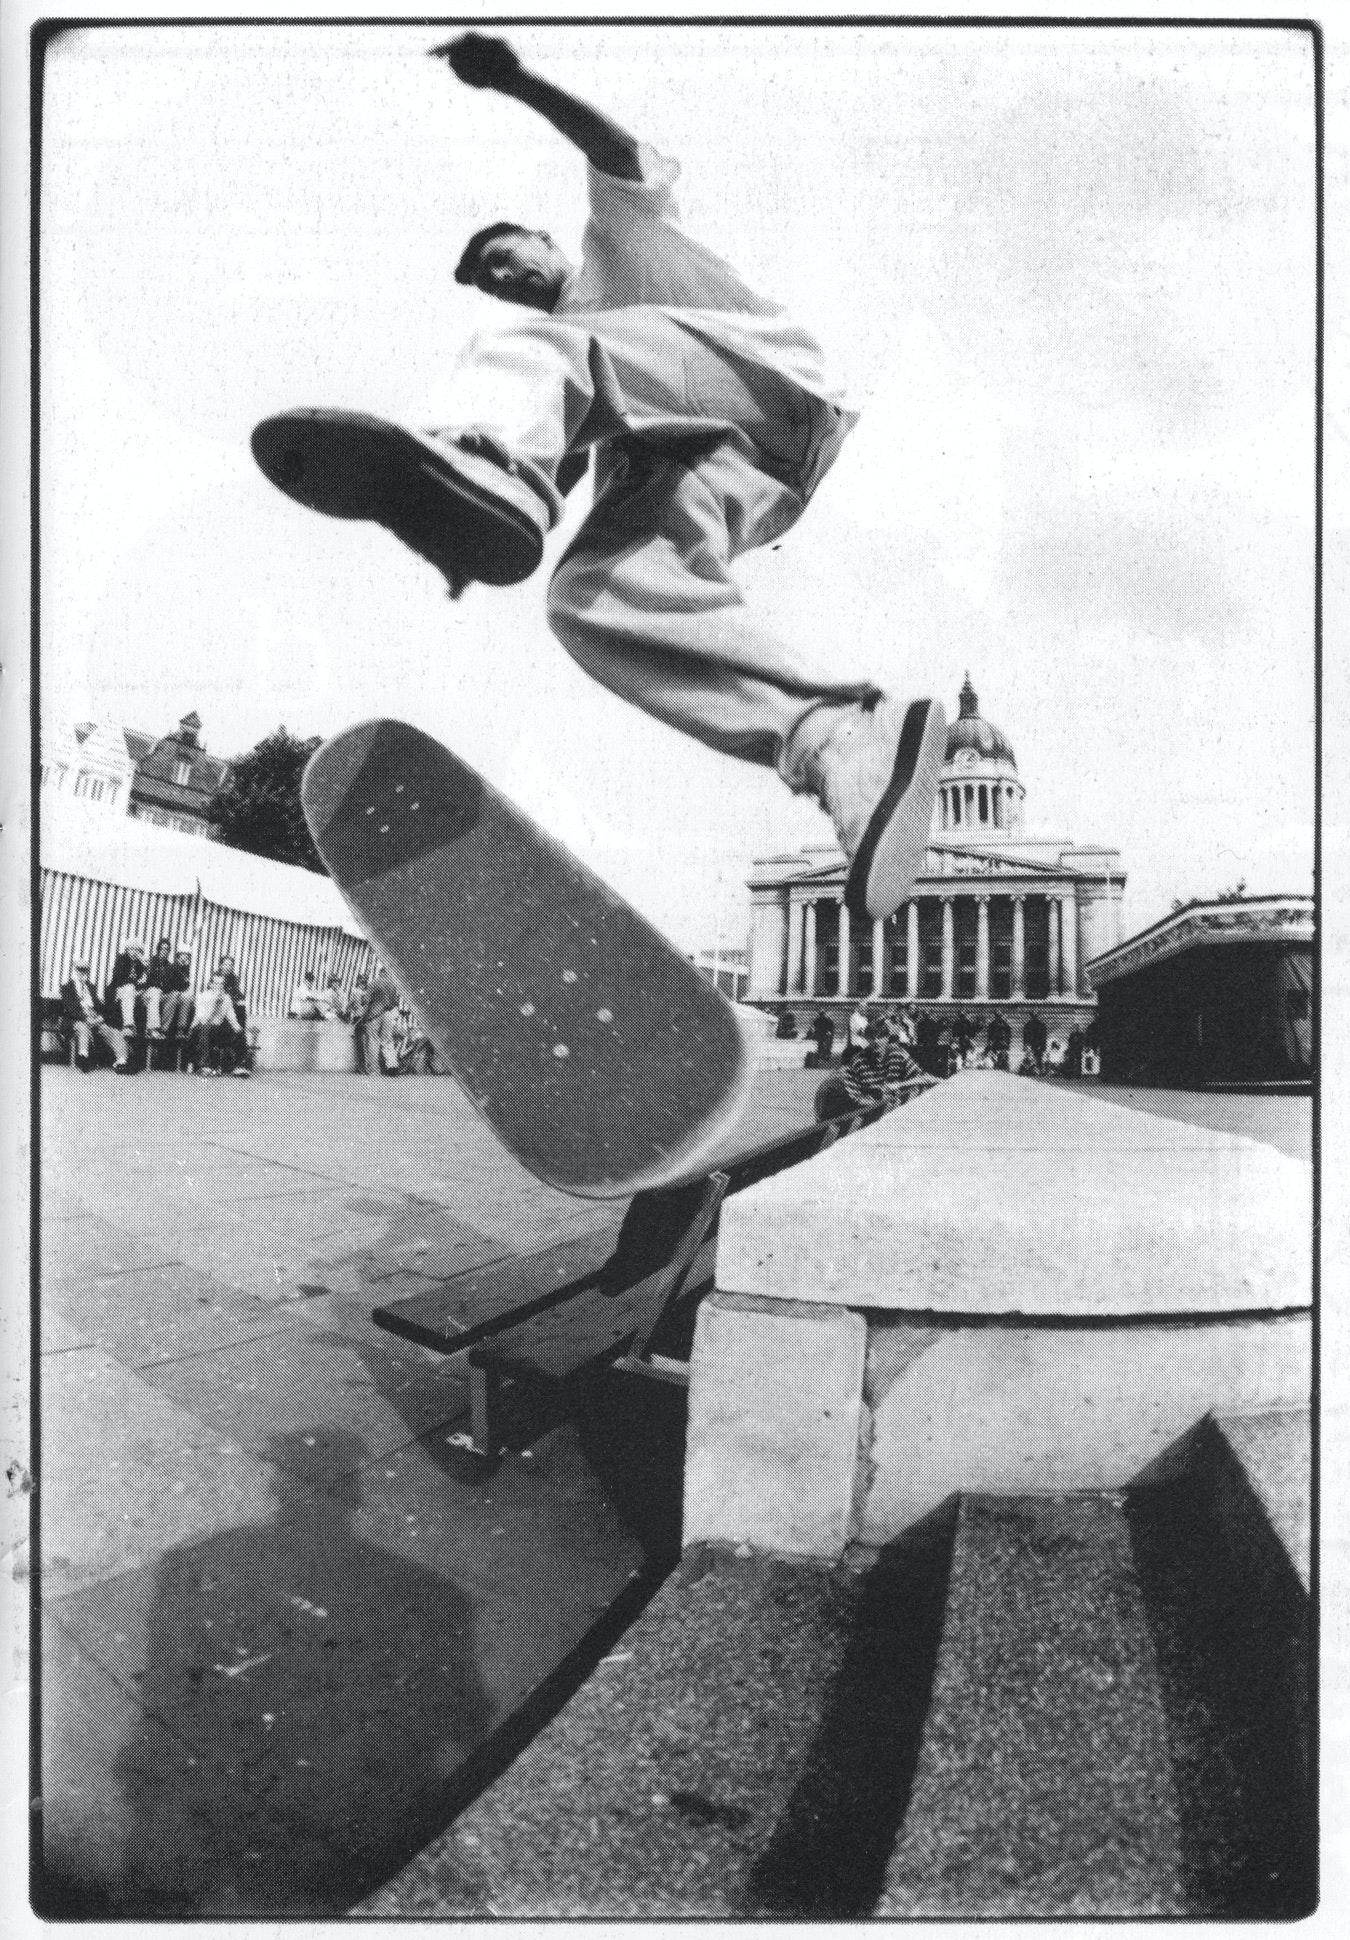 Craig Smedley - 360 flip